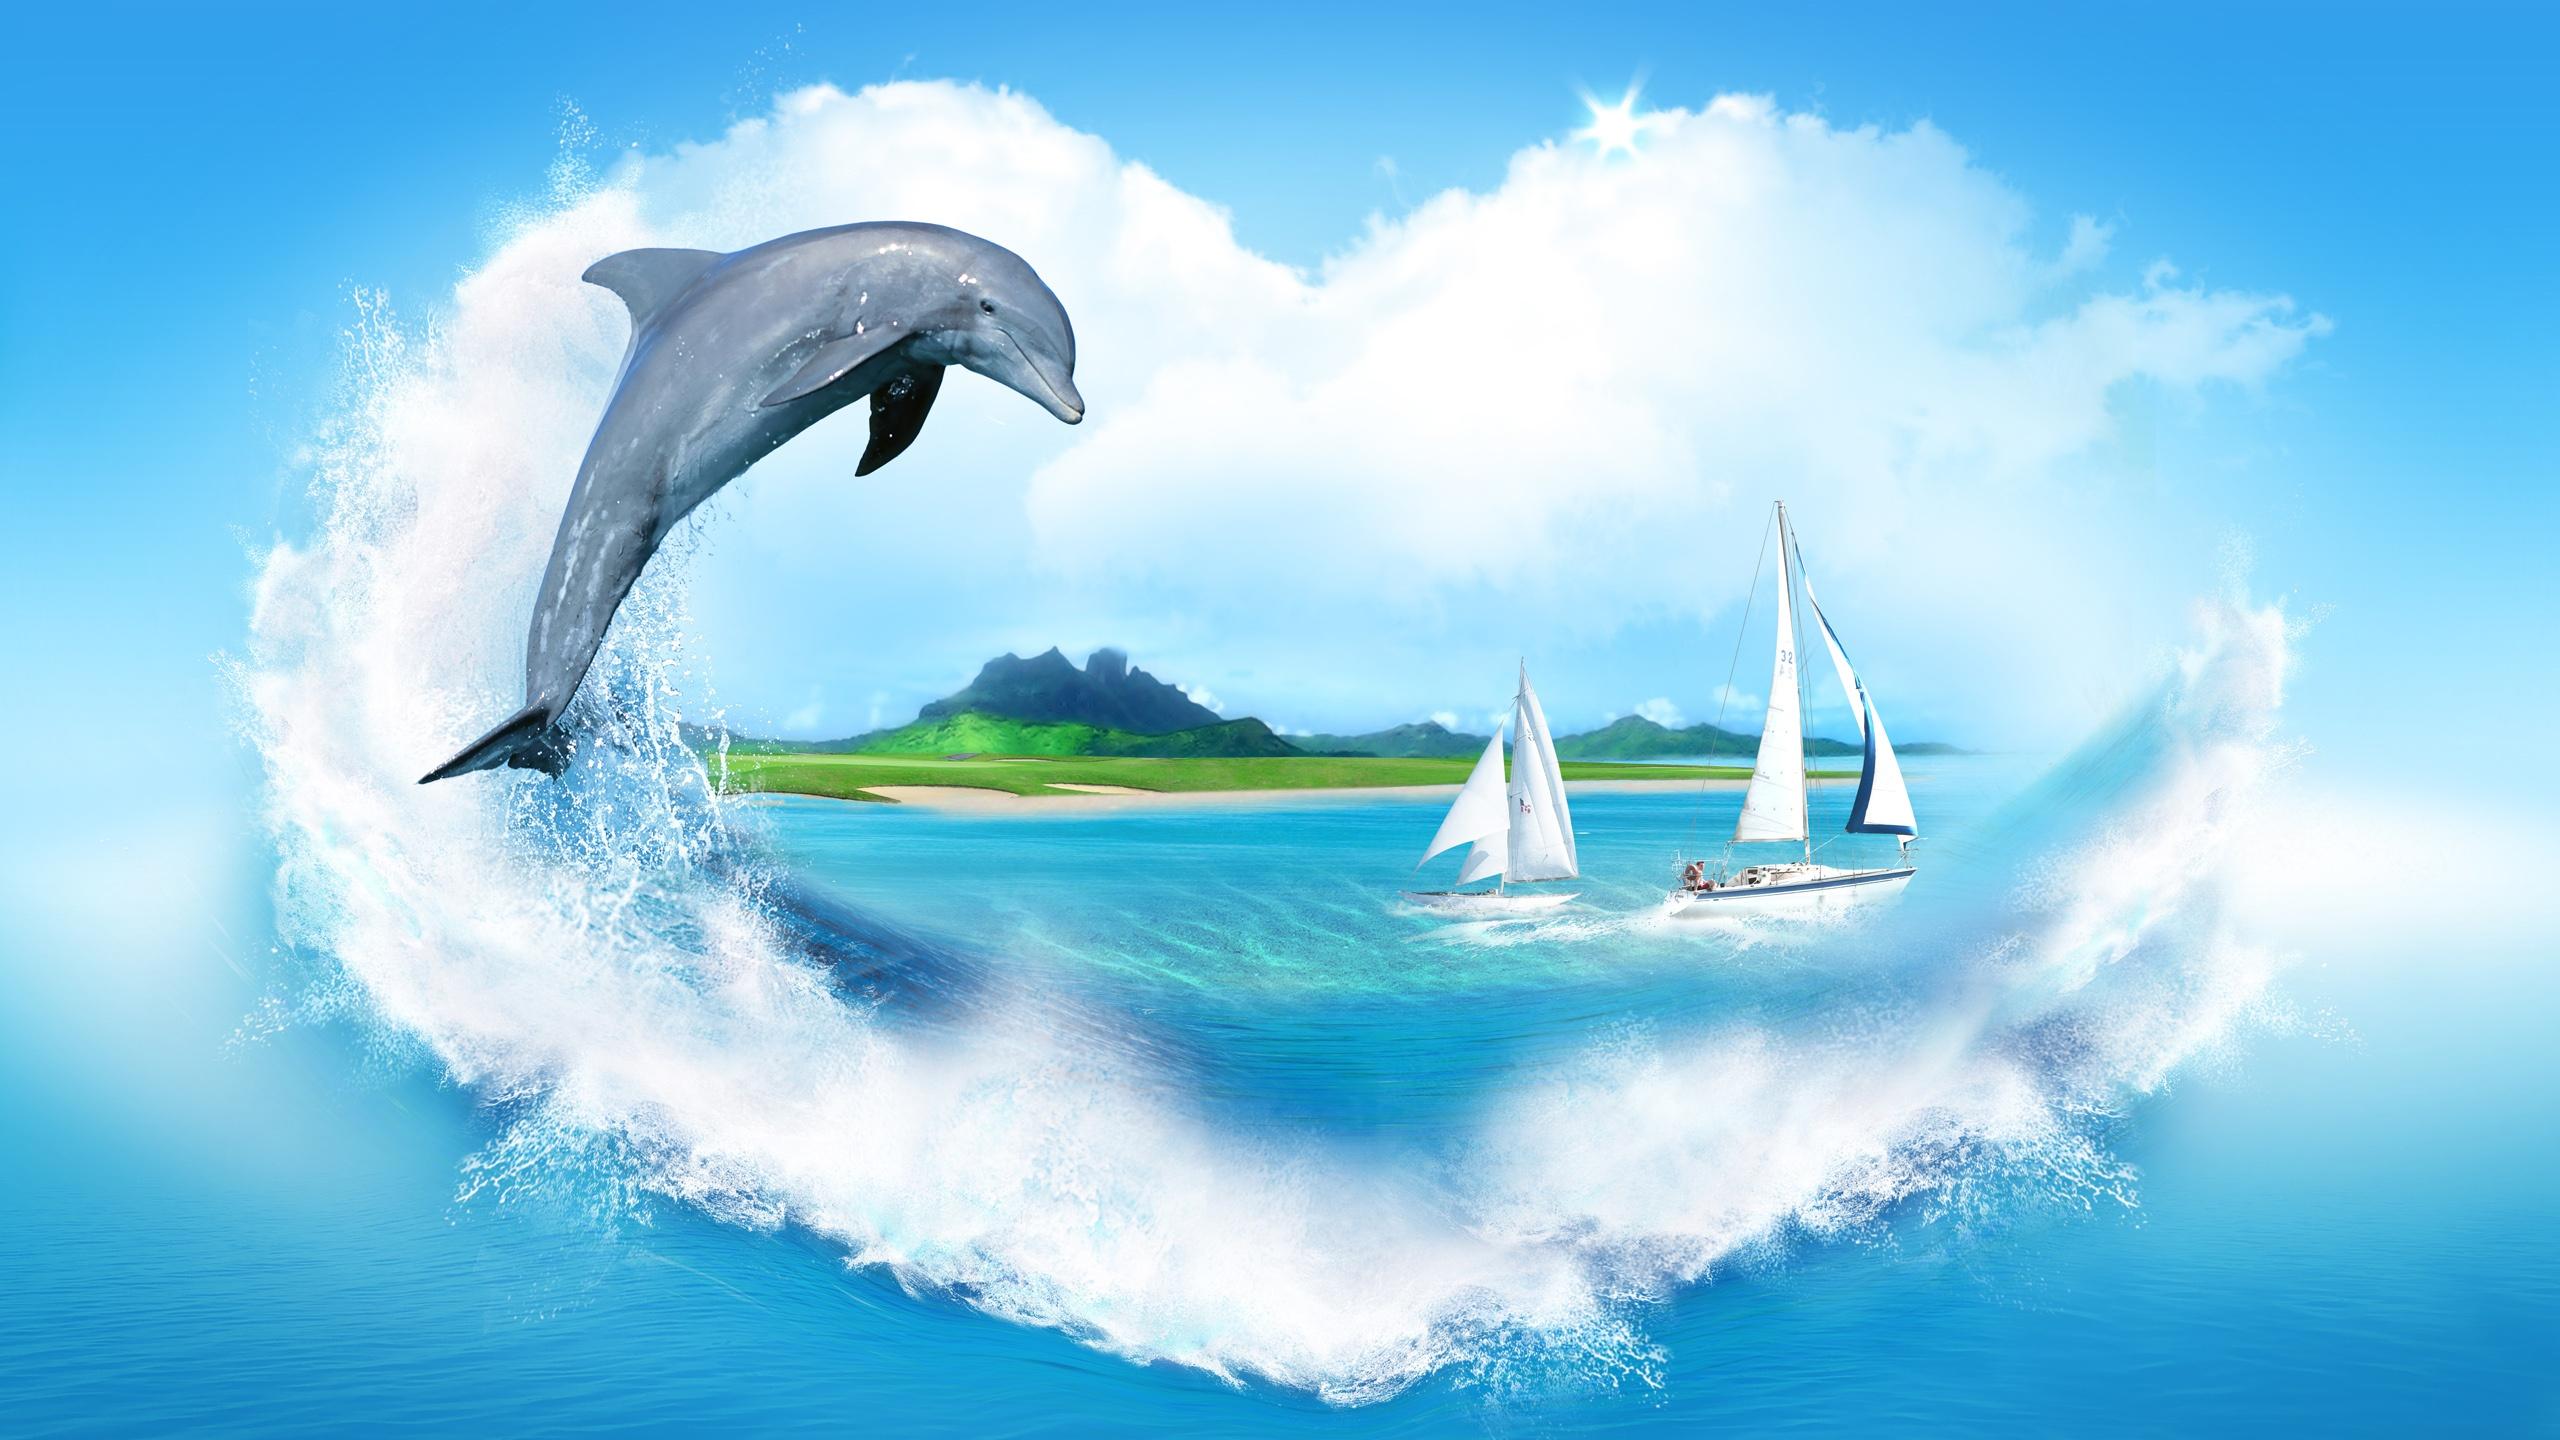 обои широкоформатные на рабочий стол бесплатно море и дельфины № 217009 бесплатно